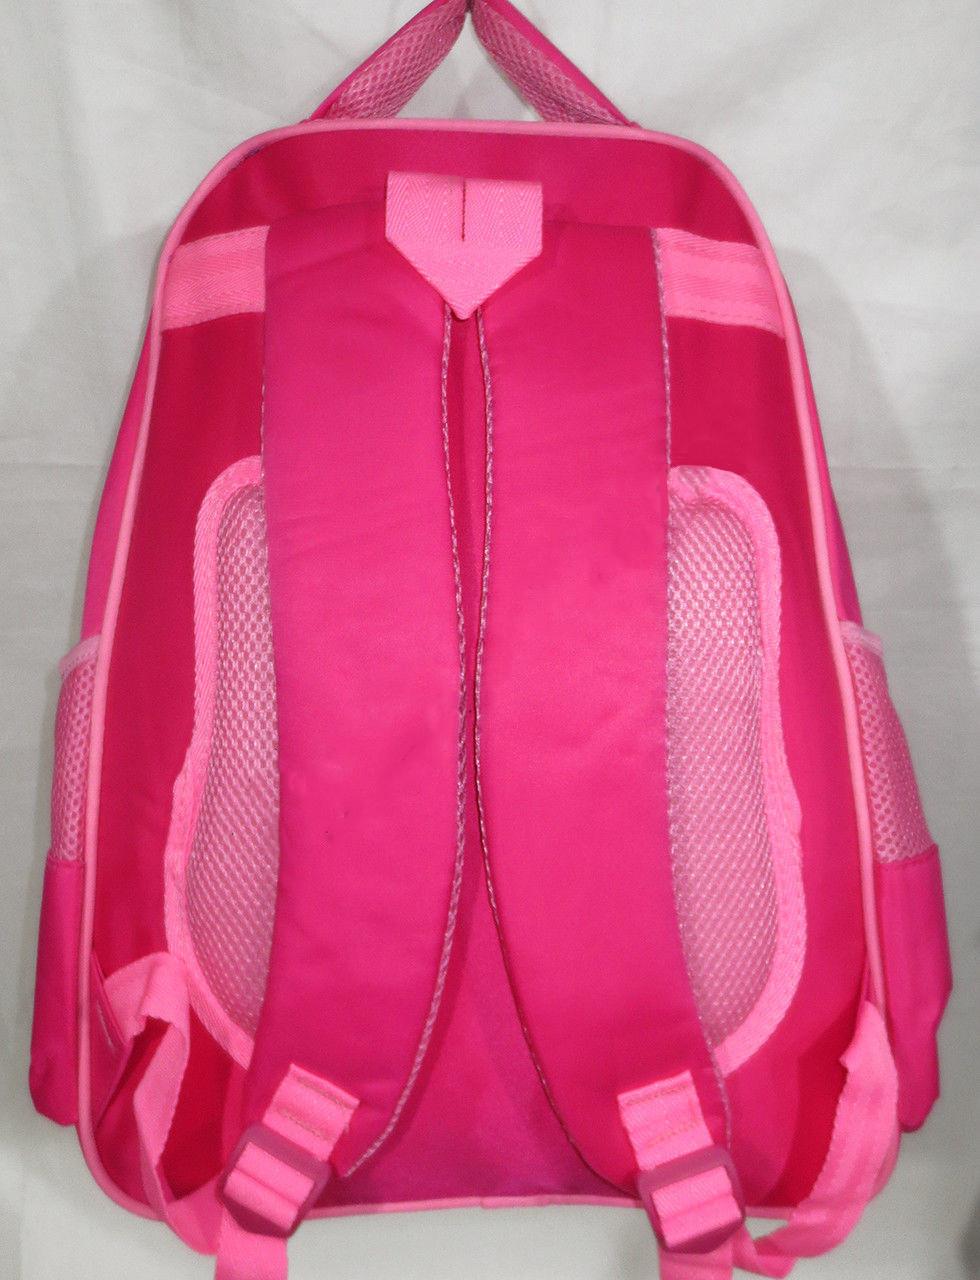 44ab0480cb78 Оригинальный детский рюкзак